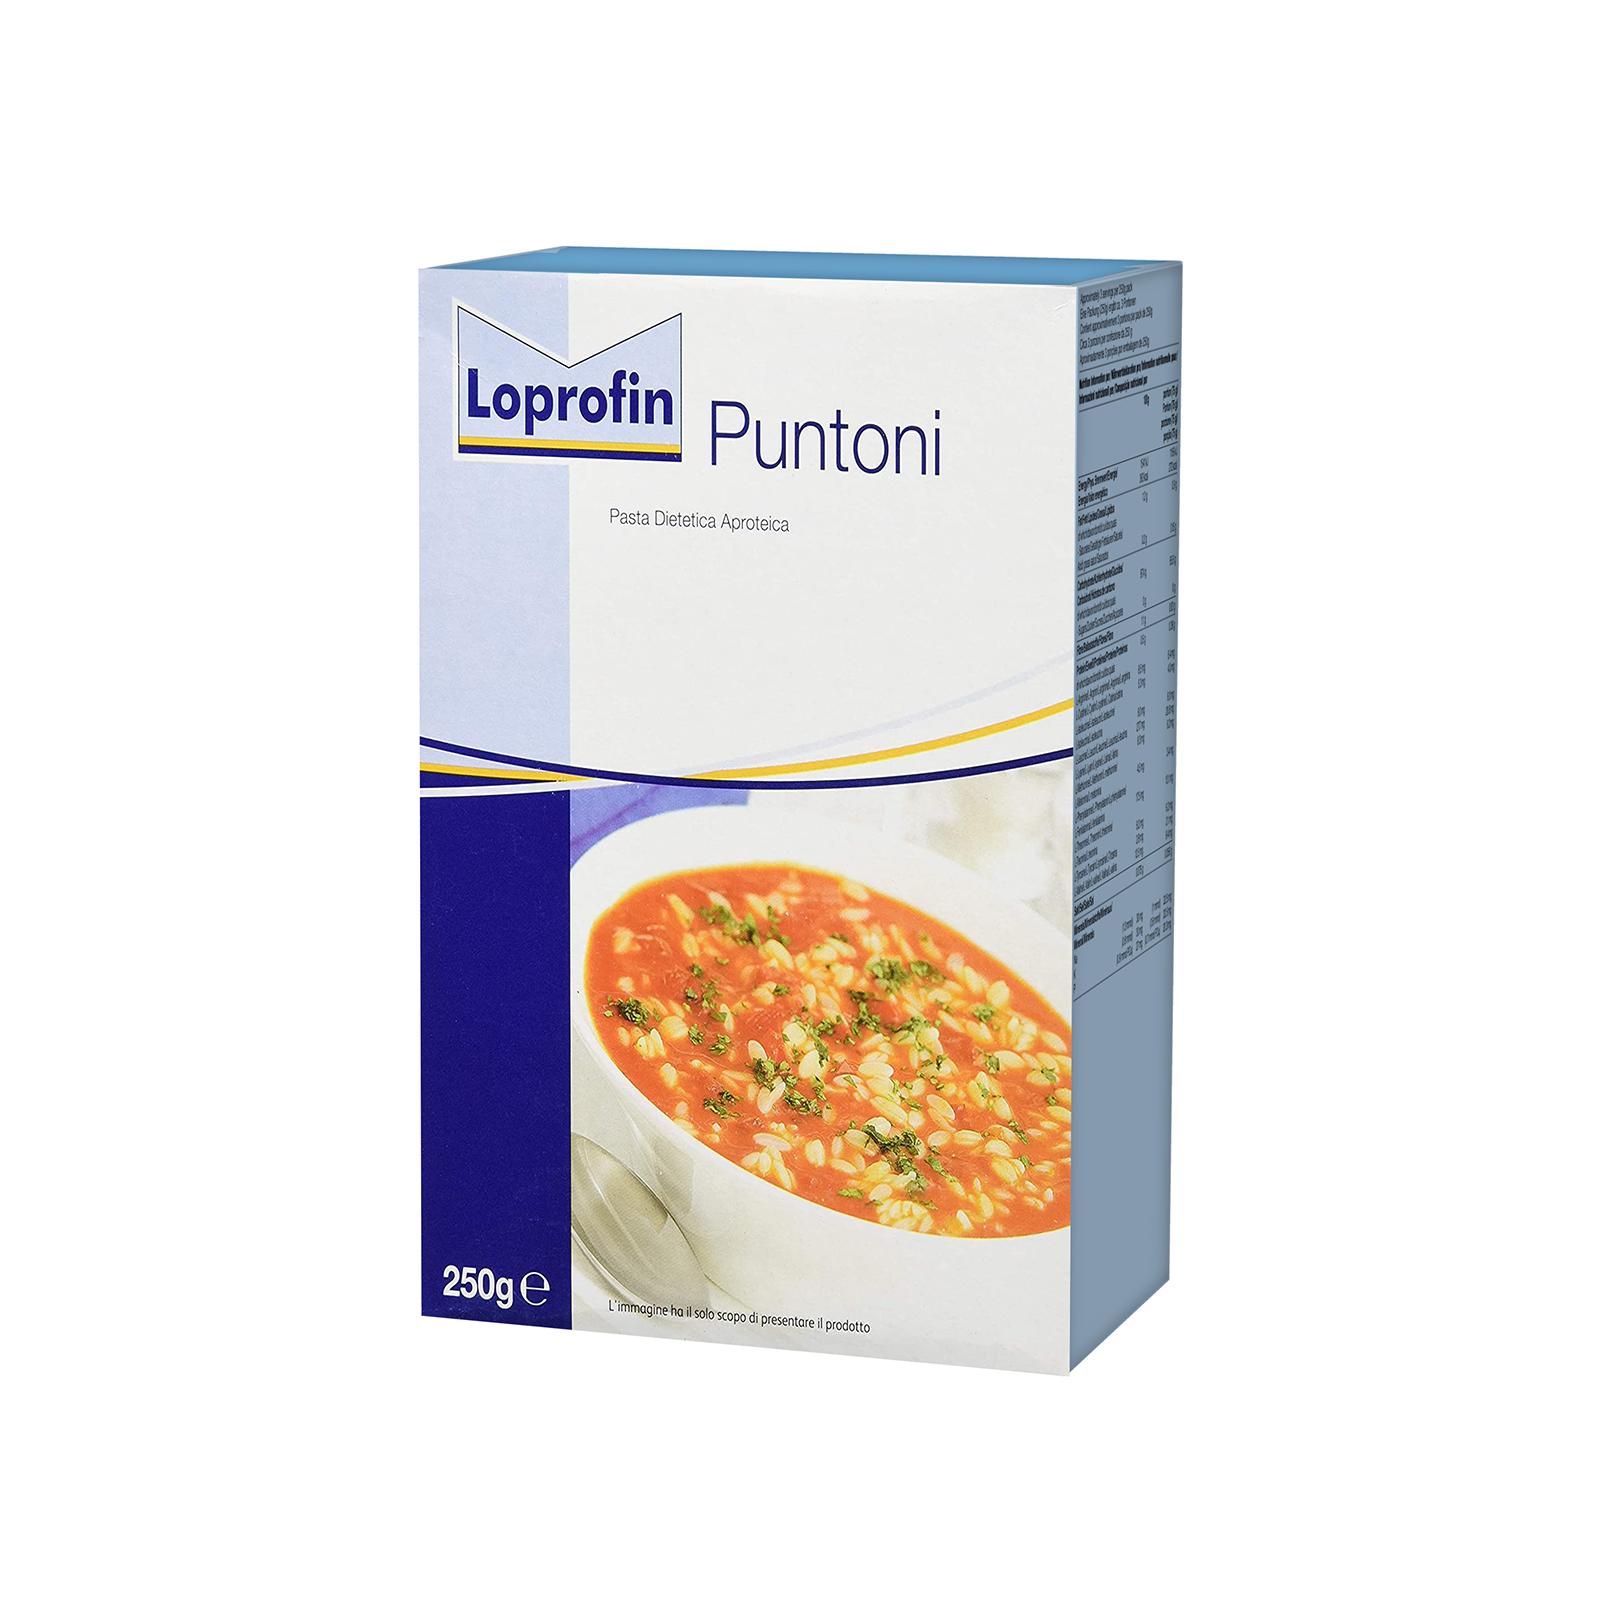 Loprofin Pasta Puntoni scatola da 250g   Nutricia